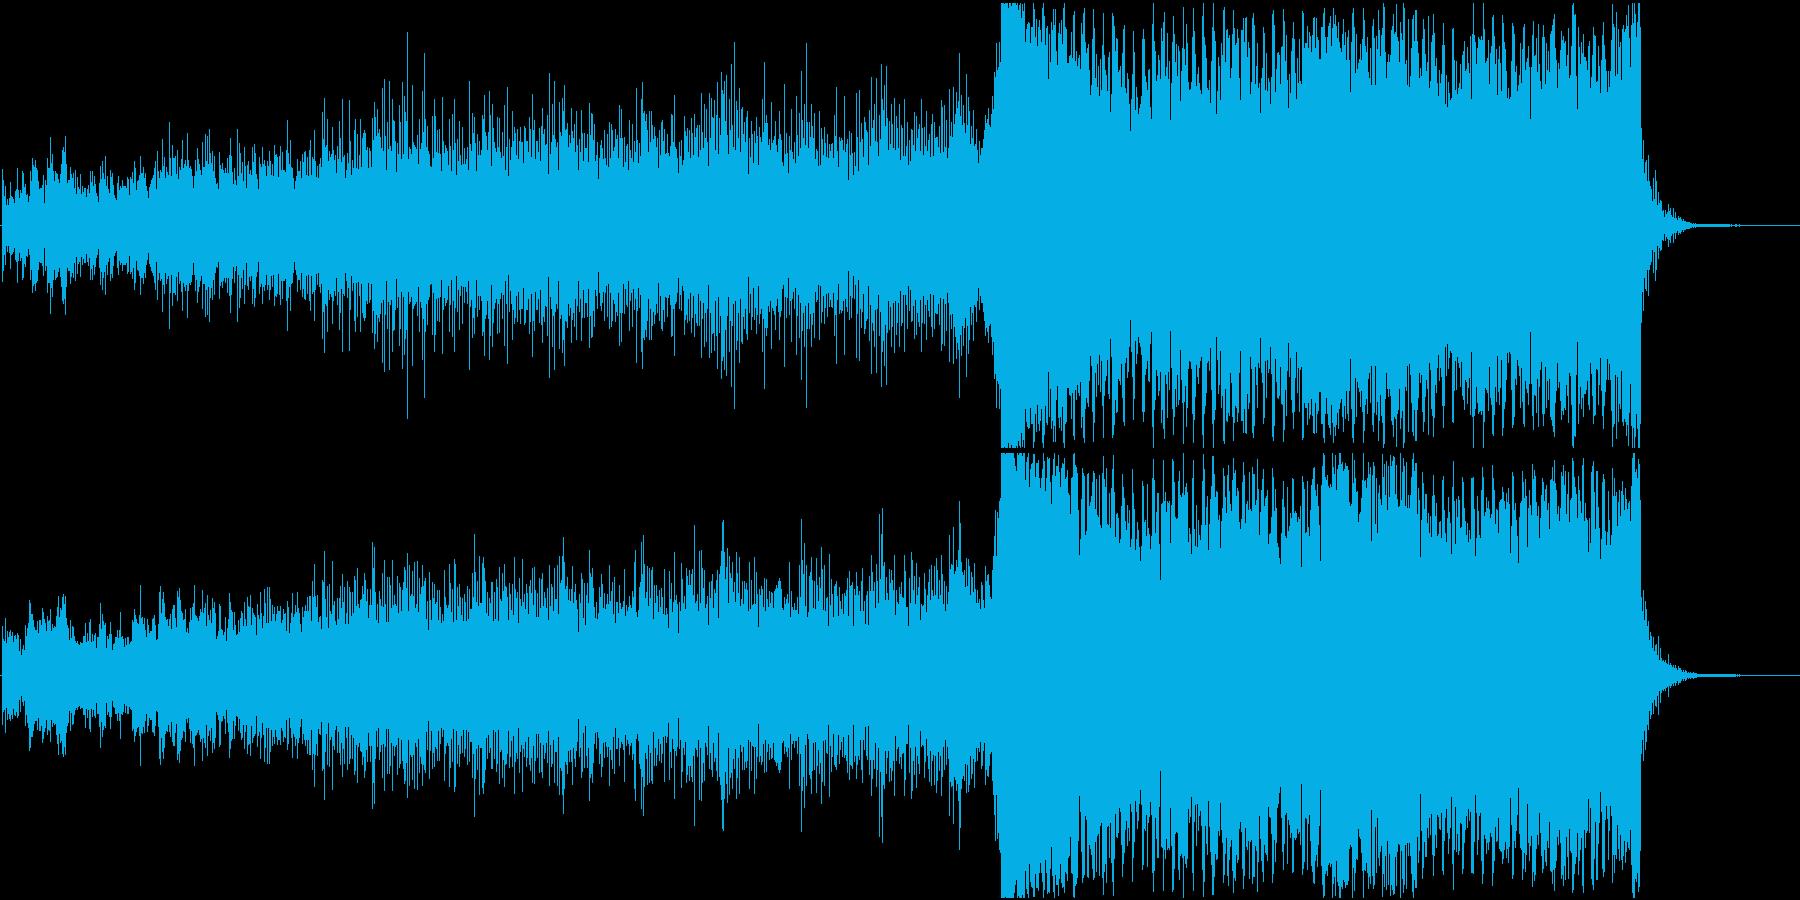 壮大なシーン向けアンビエントバラードの再生済みの波形